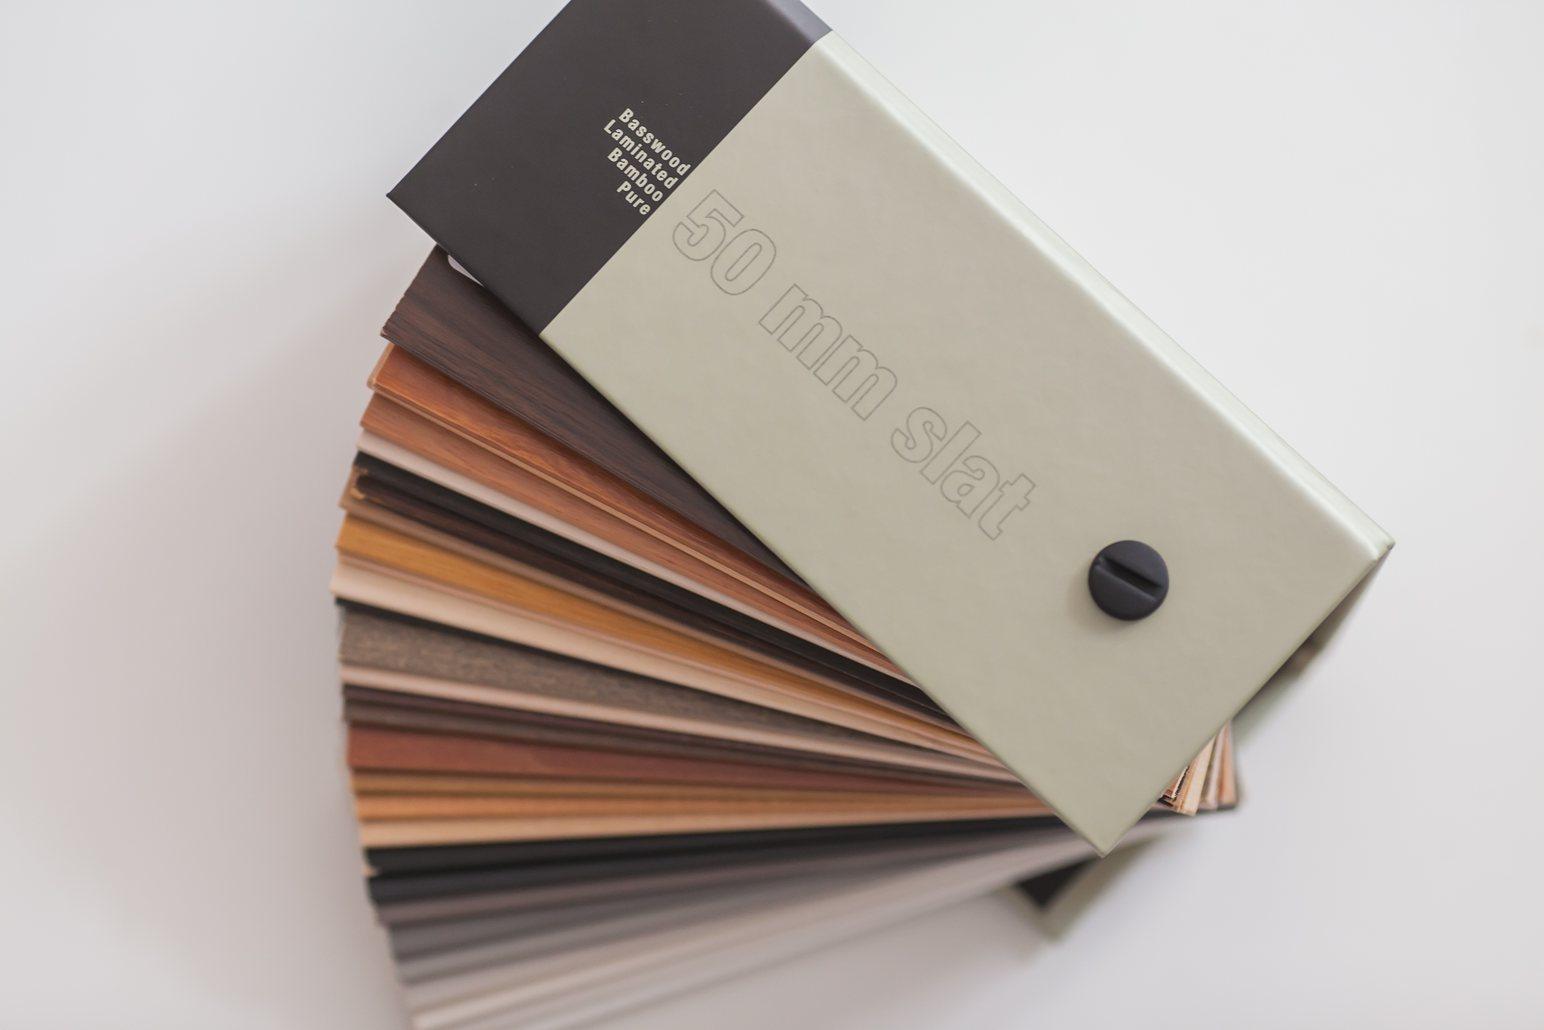 Nowe wzorniki kolorów żaluzji już dostępne!